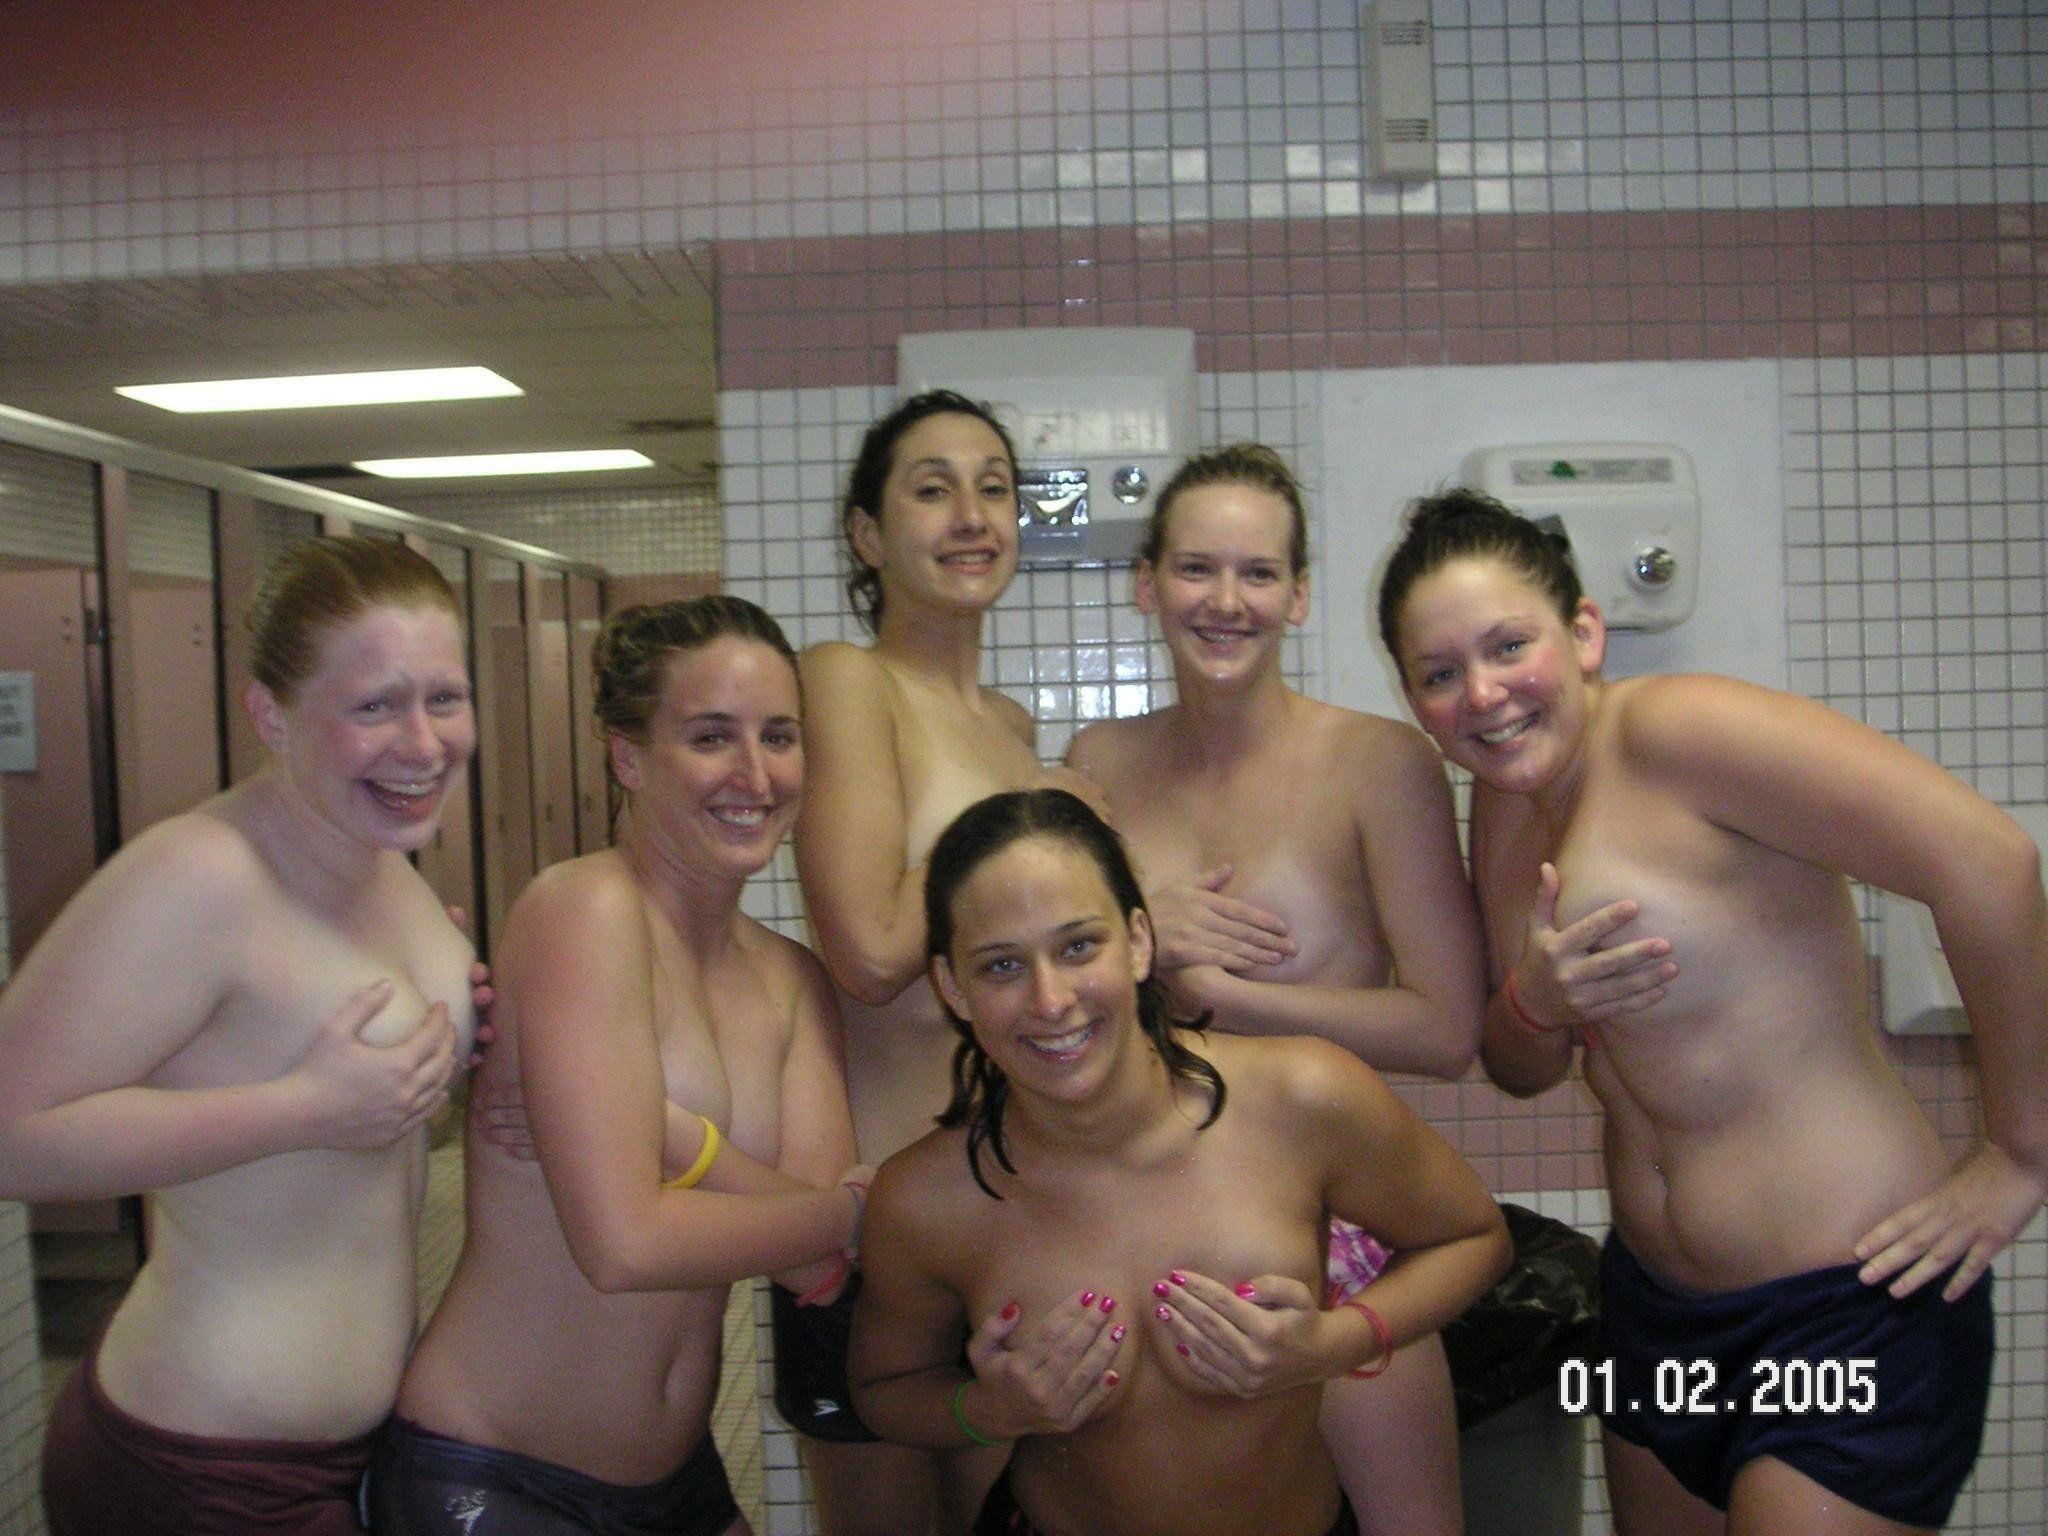 Miranda kirr nude pictures